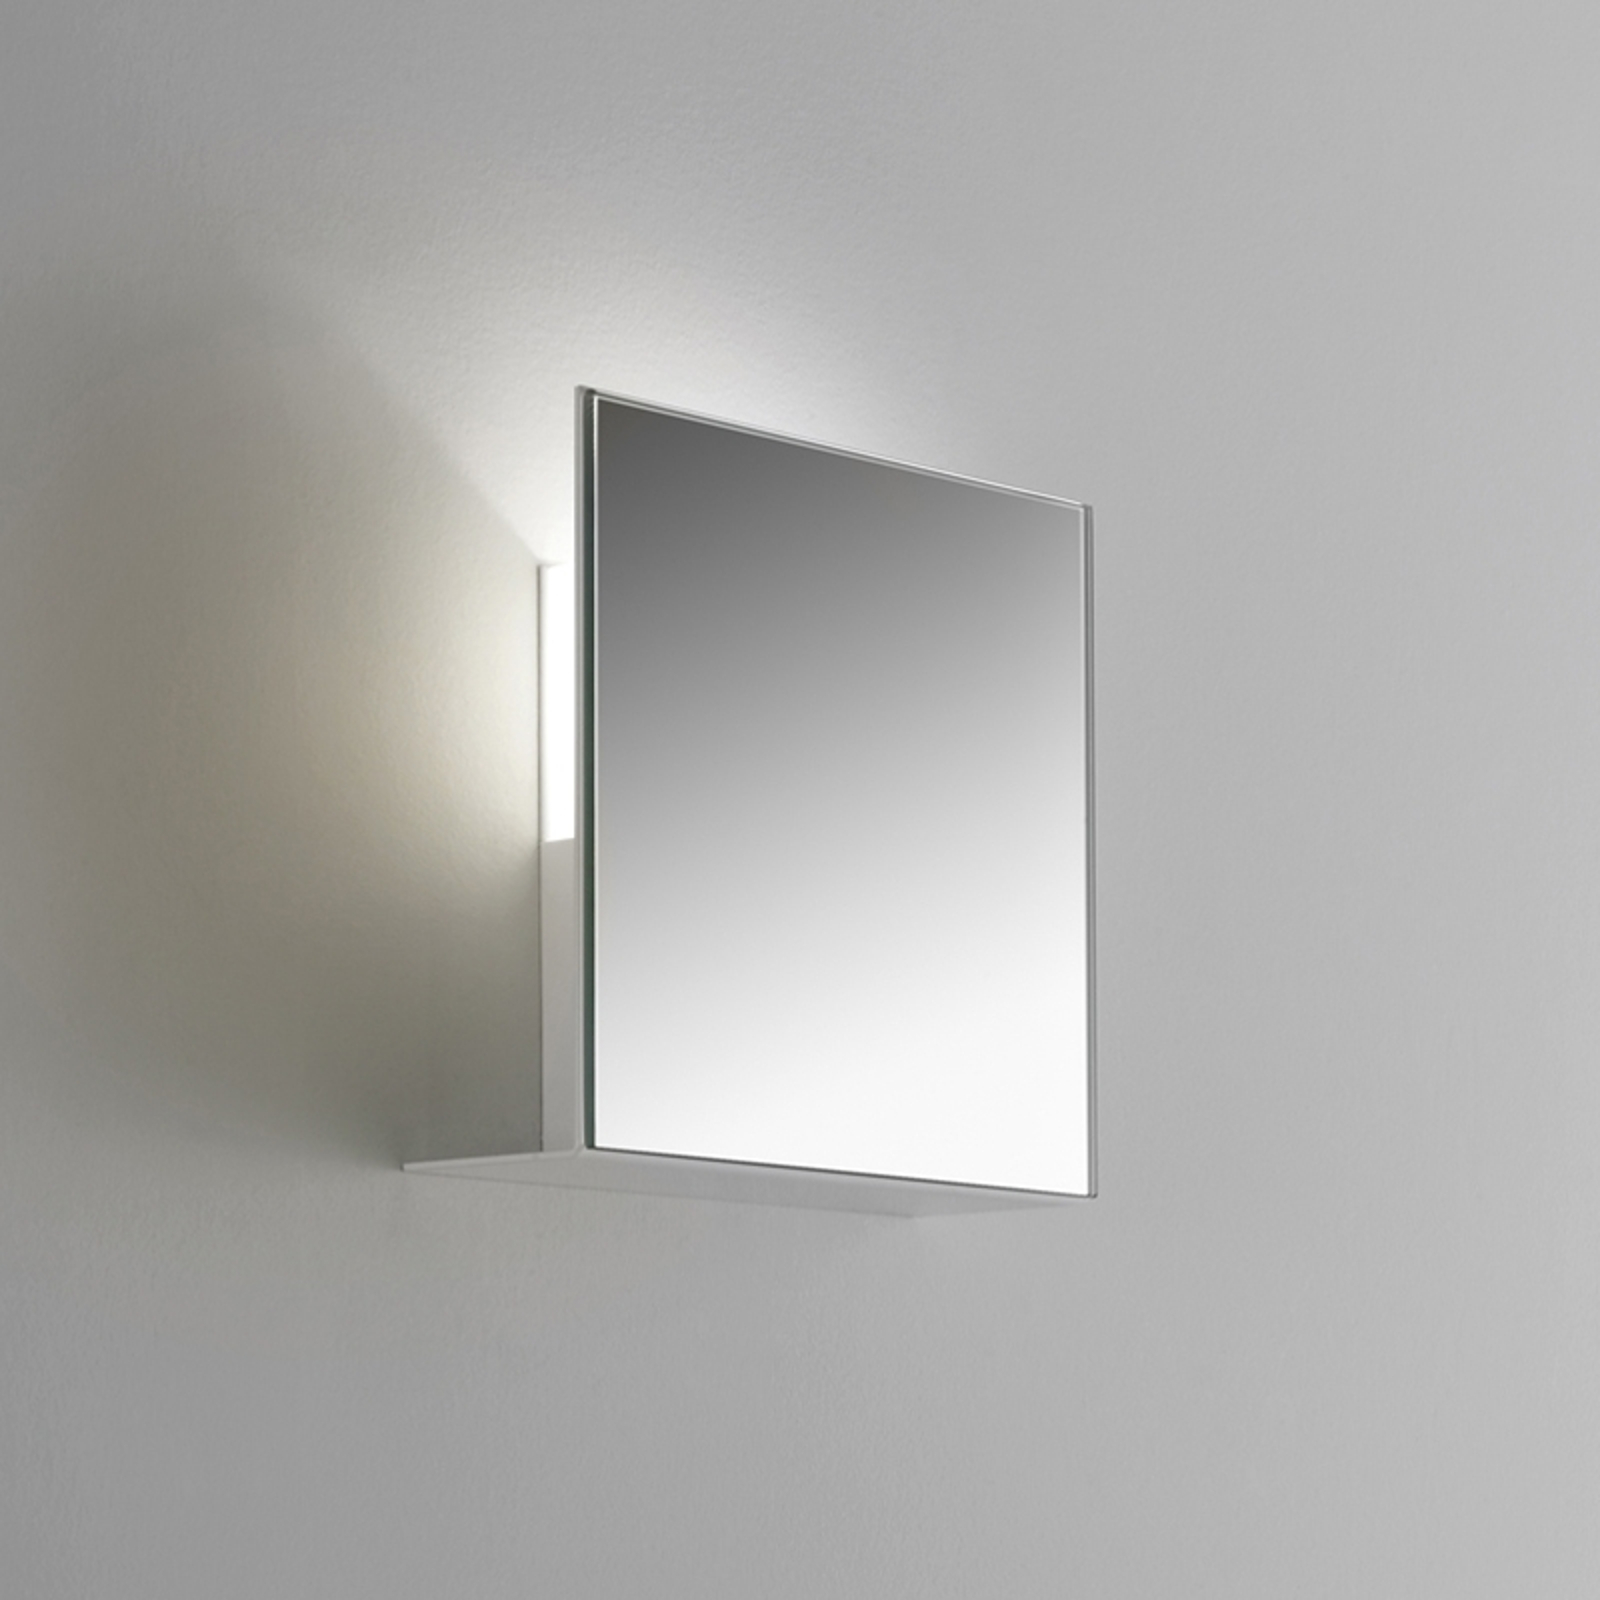 Aantrekkelijke wandlamp CORRUBEDO, spiegelend